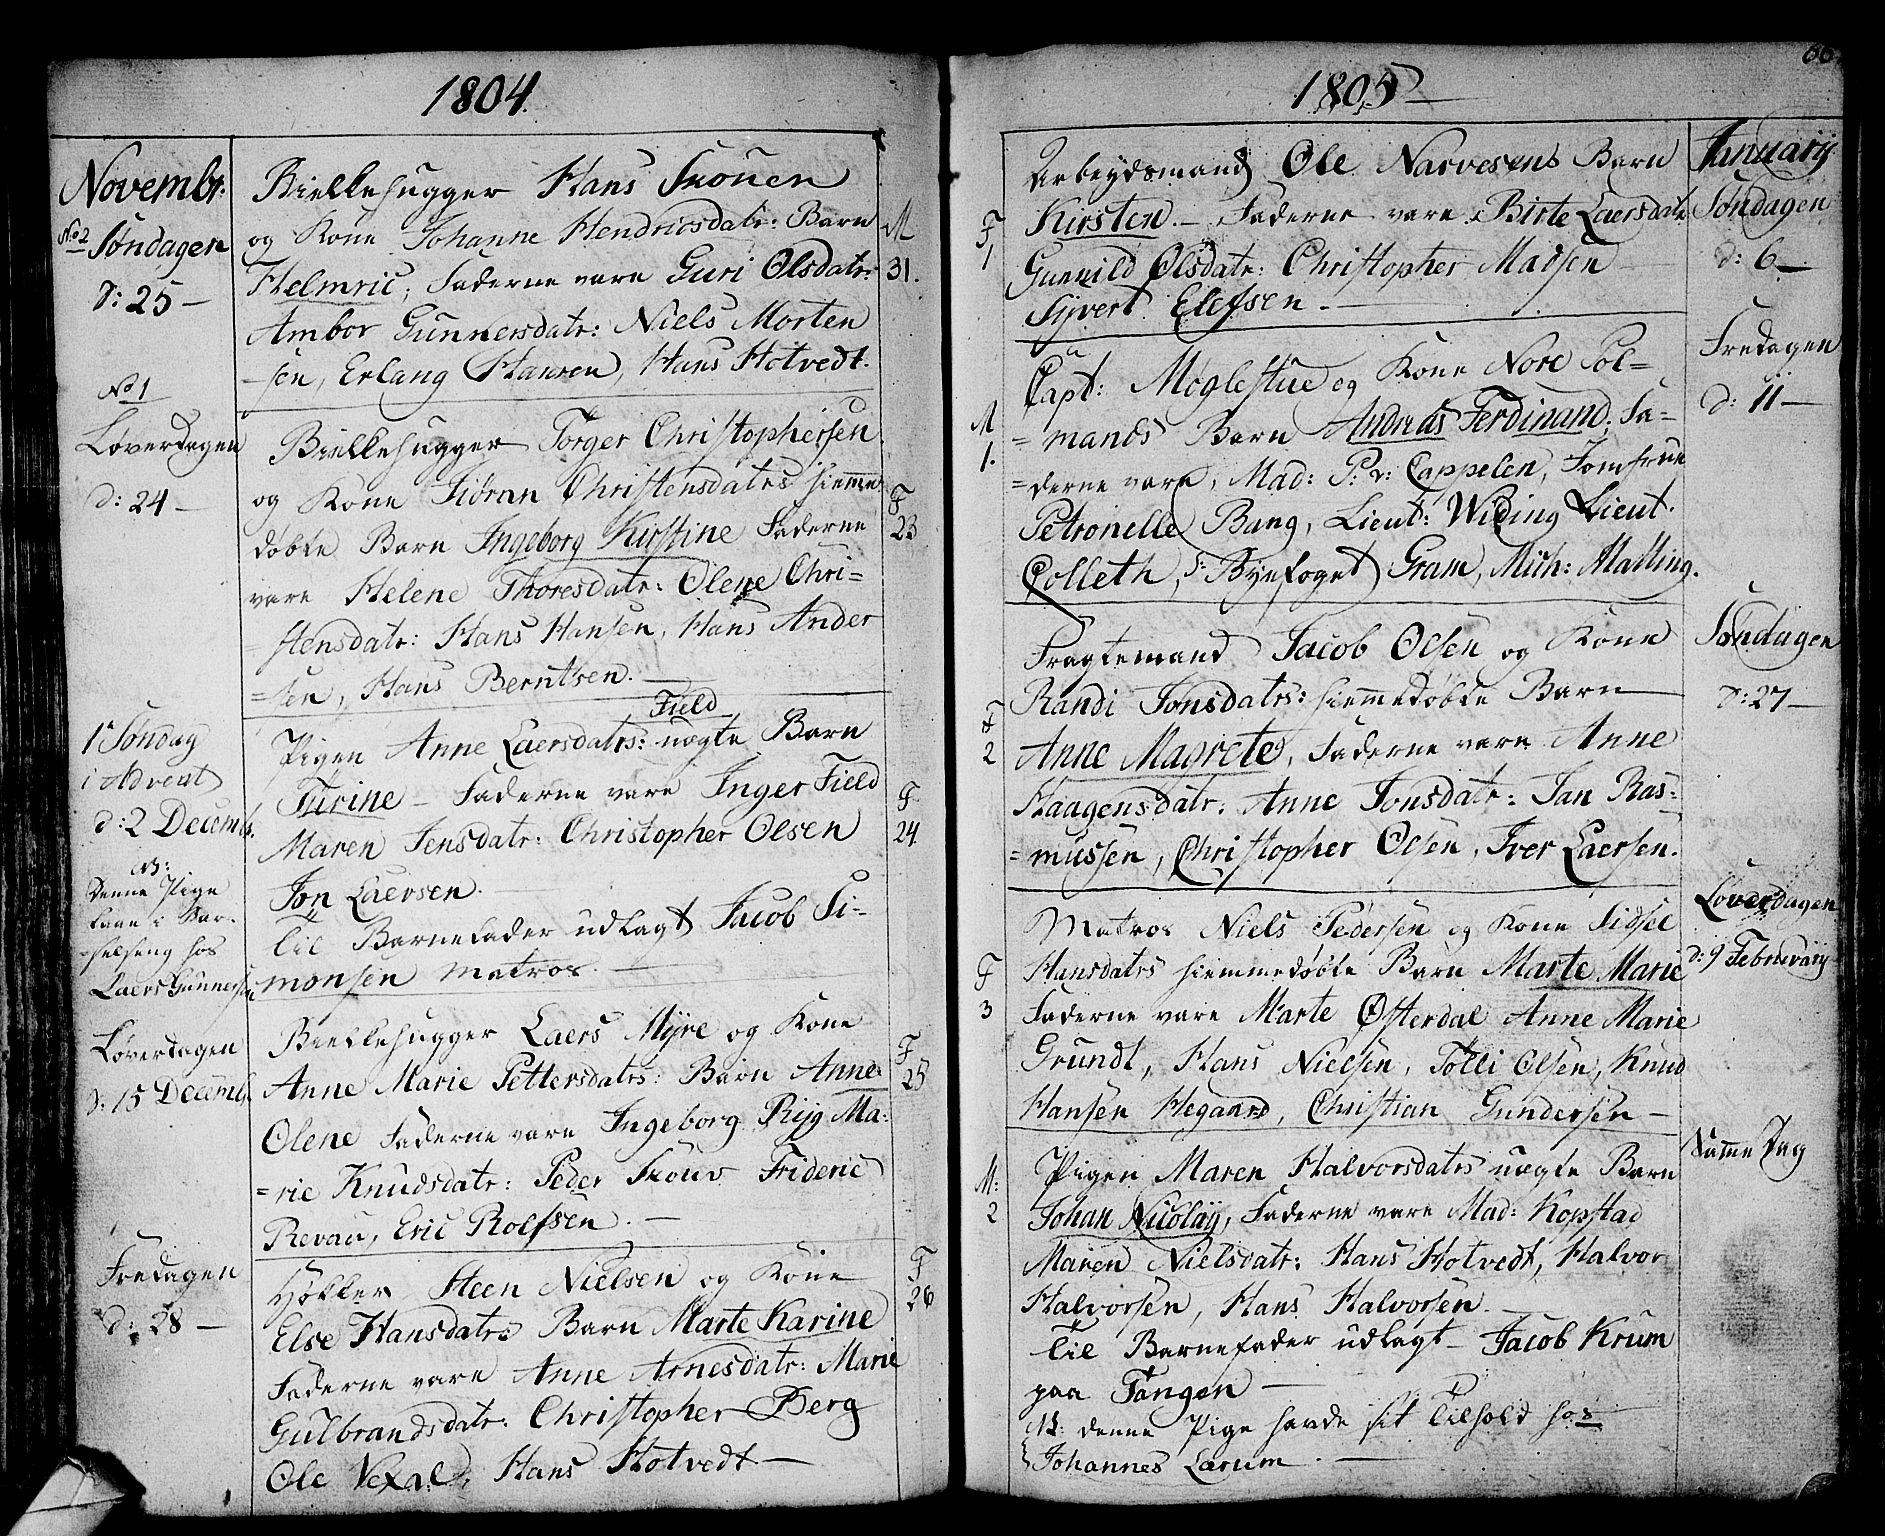 SAKO, Strømsø kirkebøker, F/Fa/L0010: Ministerialbok nr. I 10, 1792-1822, s. 66